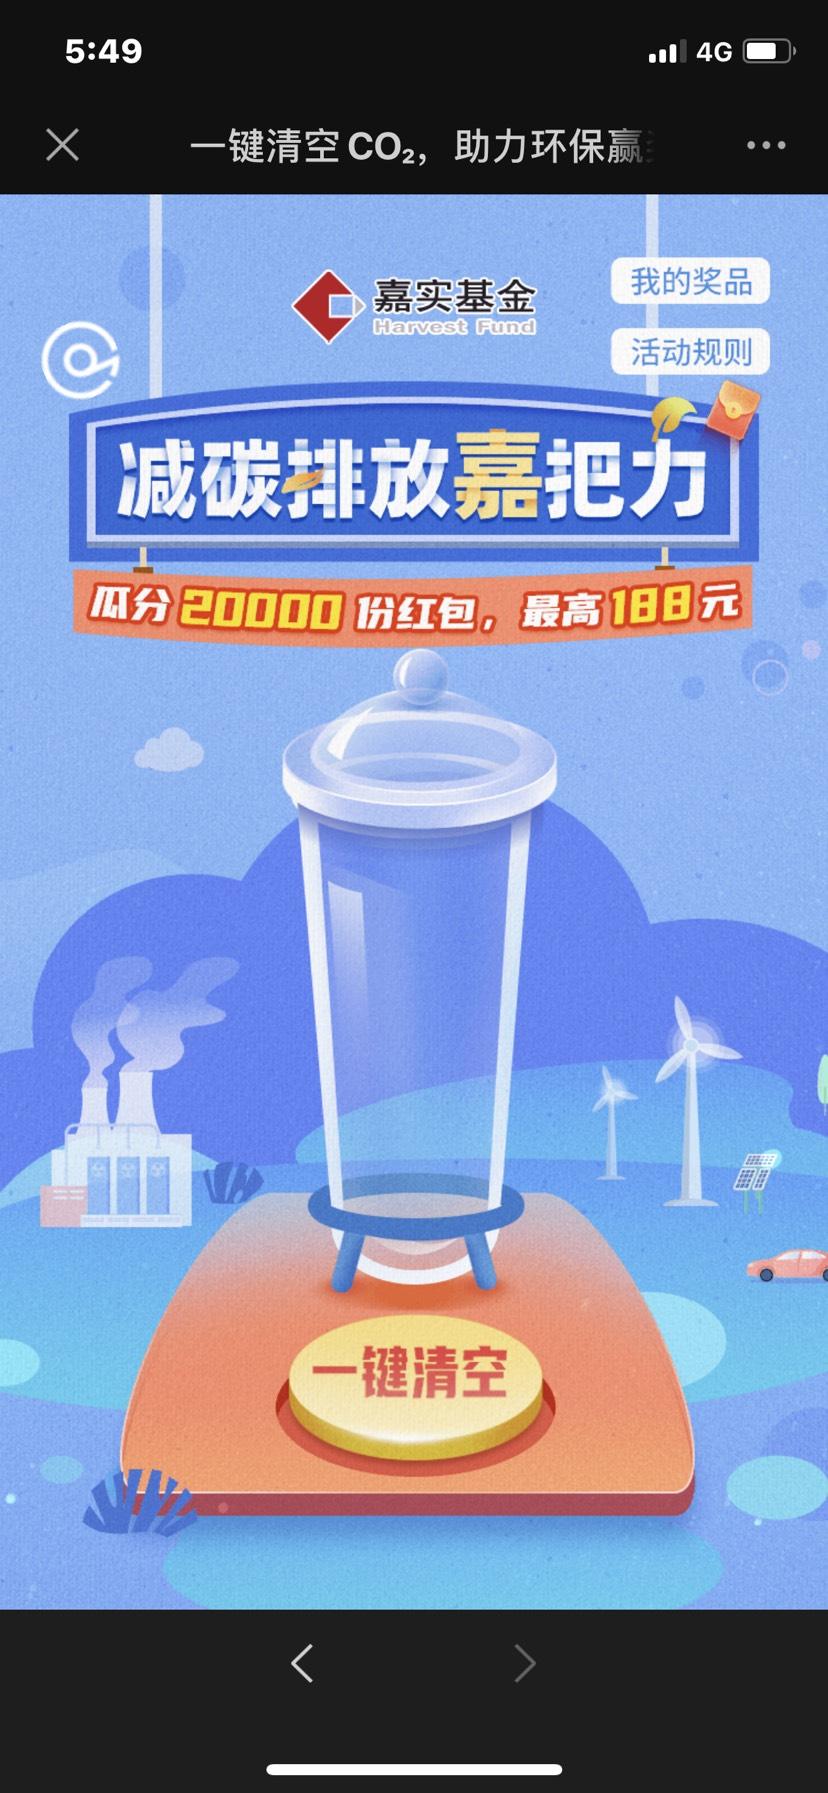 【现金红包】嘉实基金一键清空CO2瓜分微信红包